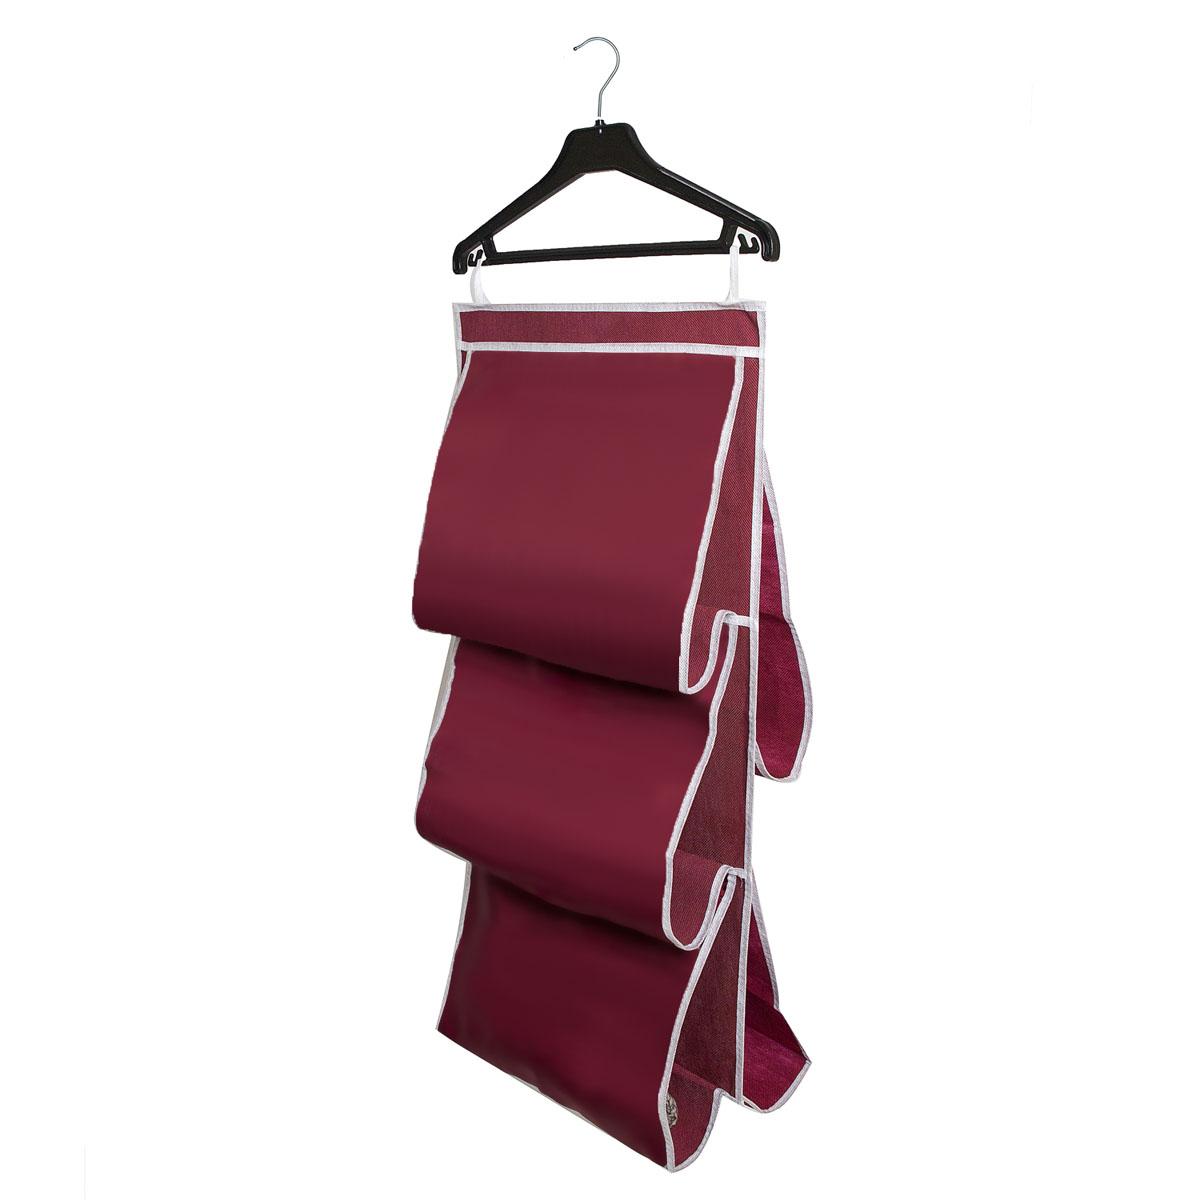 Органайзер для сумок Homsu Red Rose, 40 х 70 смHOM-09Подвесной двусторонний органайзер с 5 раздельными ячейками шириной 40см очень удобен для хранения вещей в вашем шкафу. Идеально для сумок, клатчей и других вещей ежедневного пользования. Фактический цвет может отличаться от заявленного.